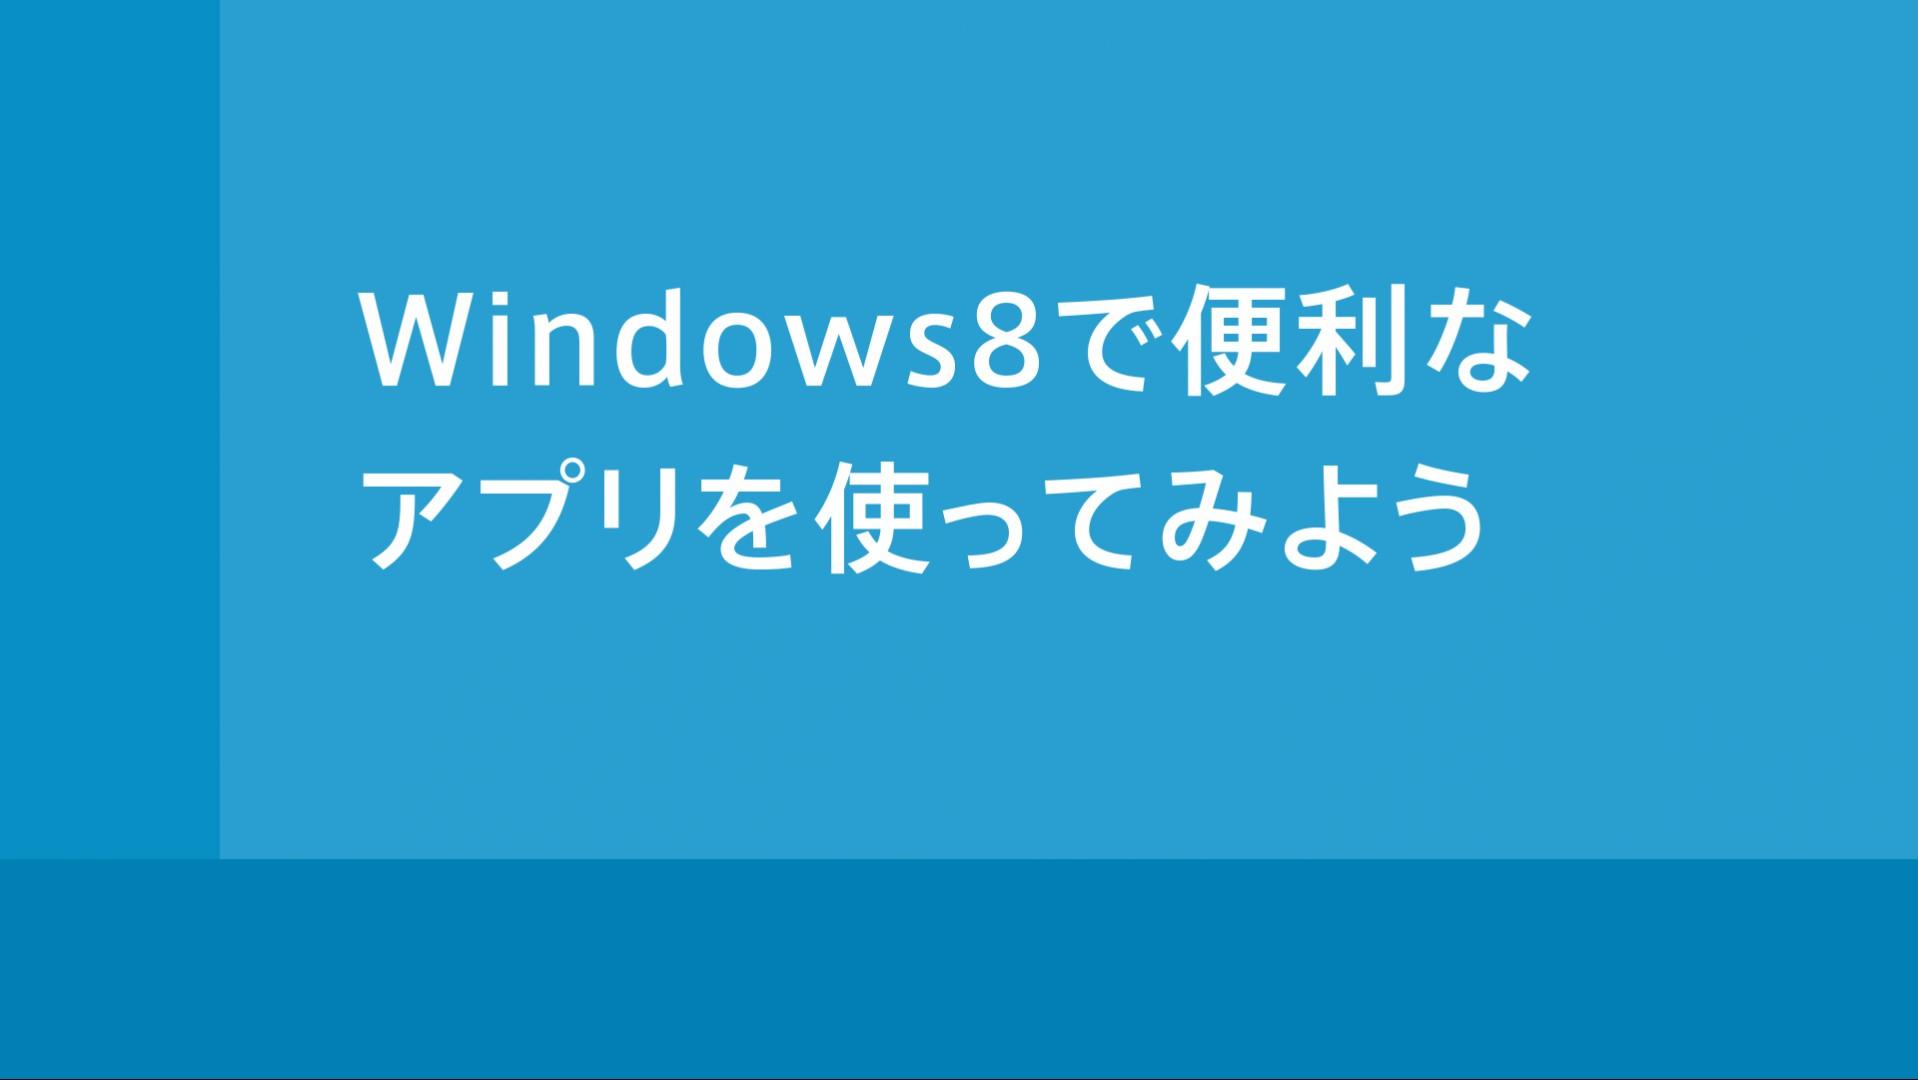 Windows 8のアプリで最新のニュースを確認